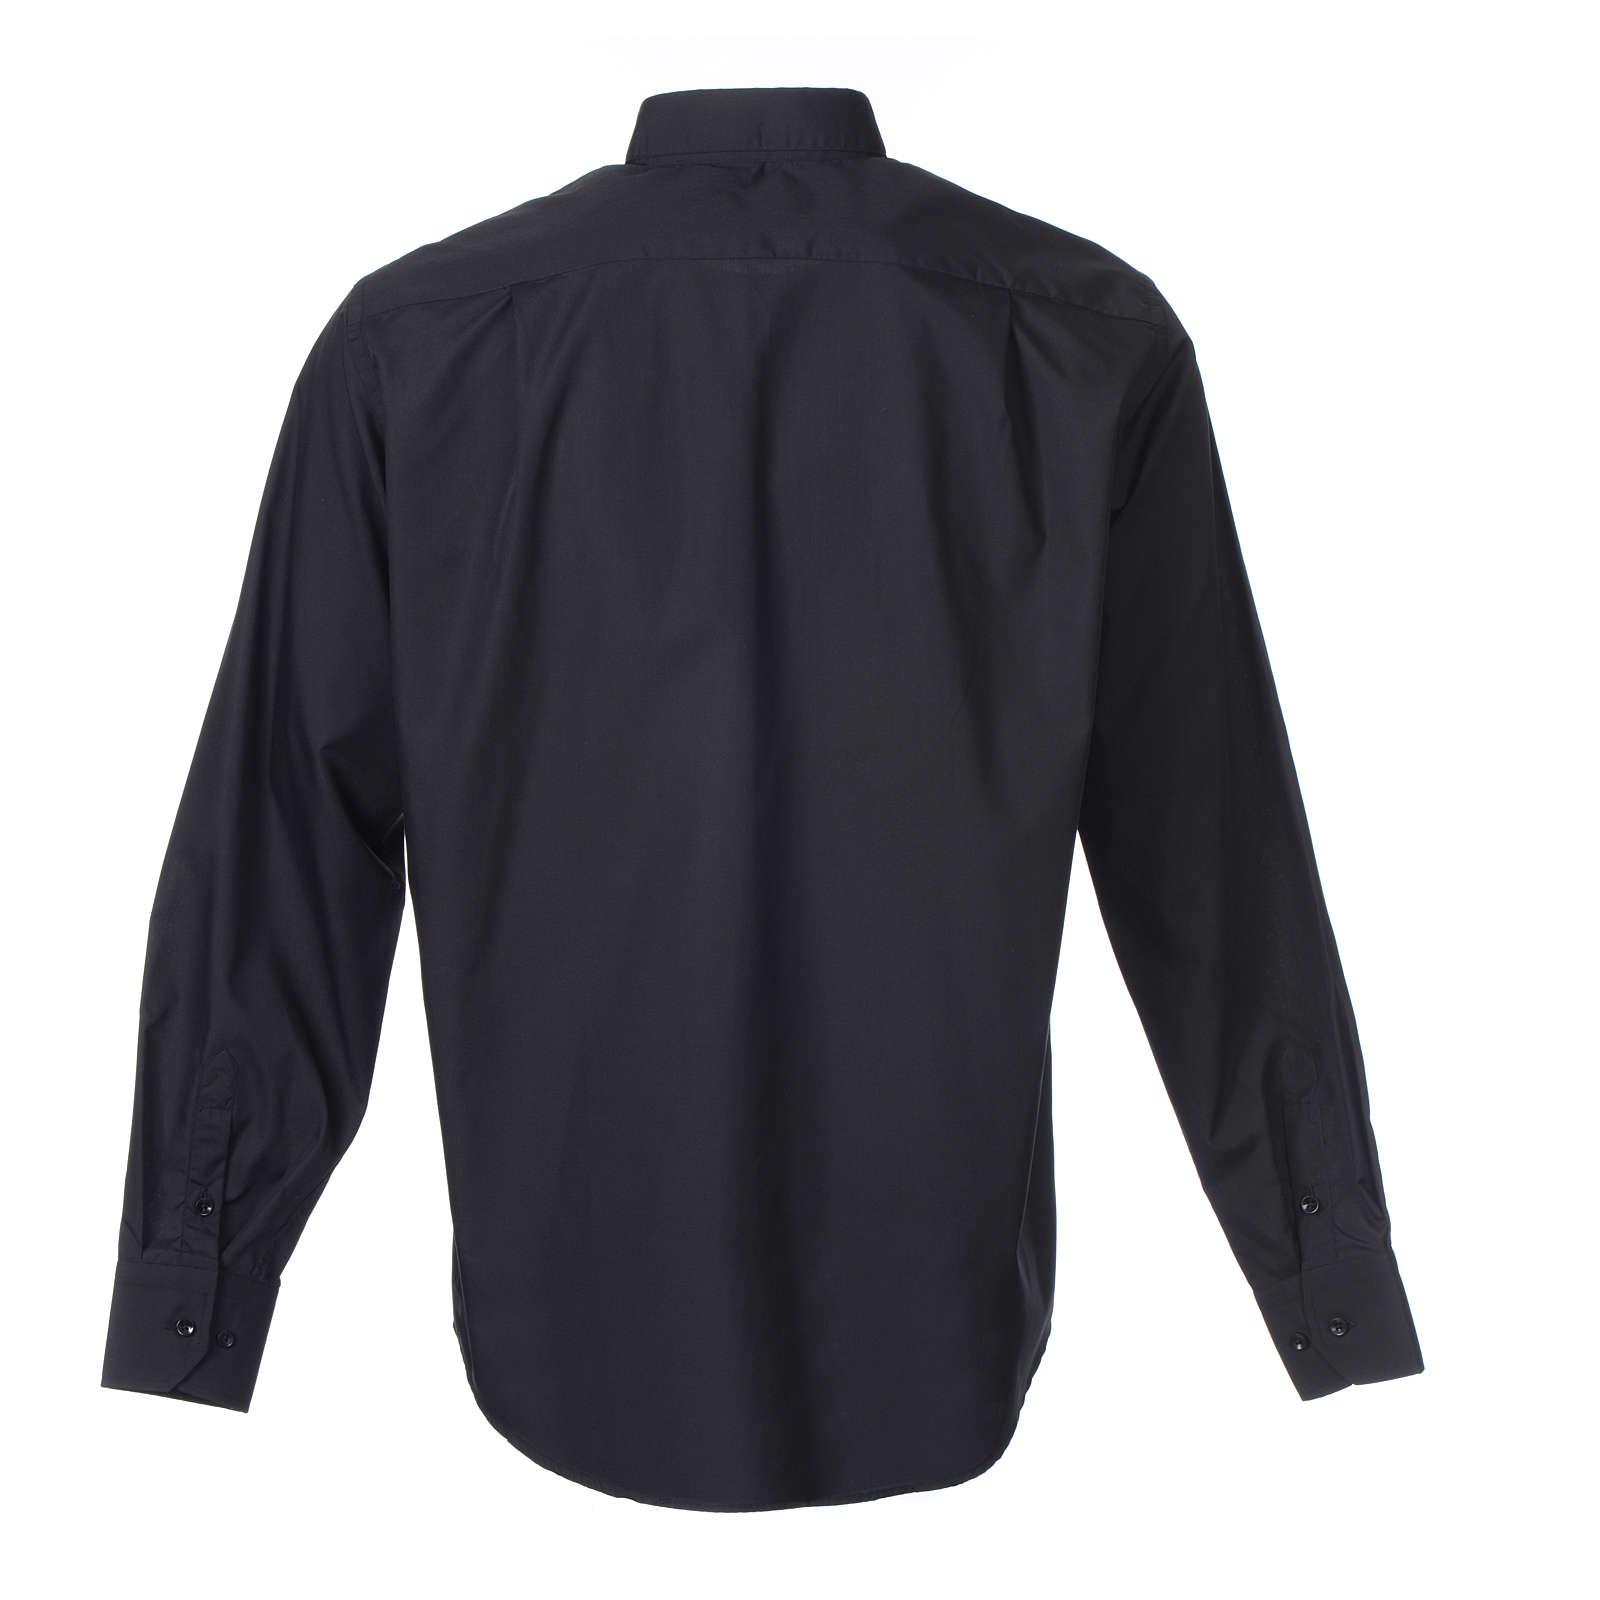 Camisa Clergy Manga Larga Color Uniforme Mixto Algodón Negro 4